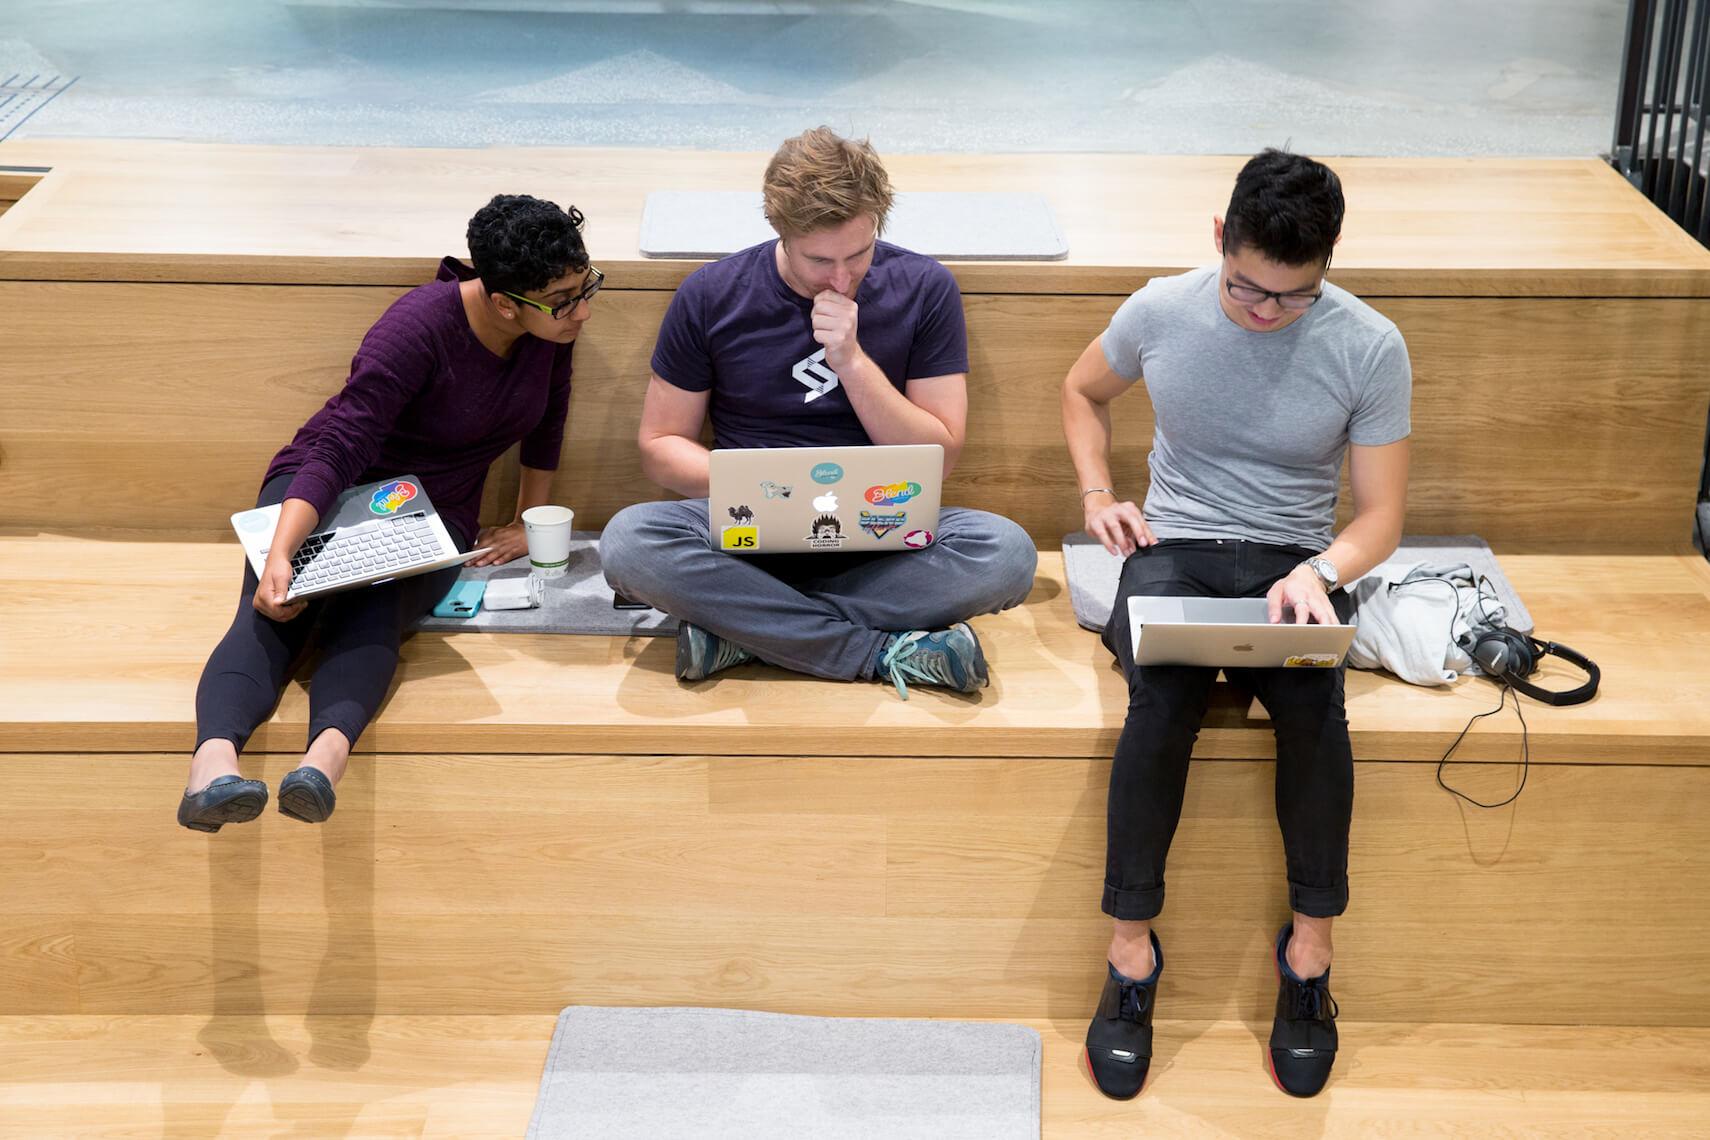 Pracownicy Blend pracujący na swoich laptopach